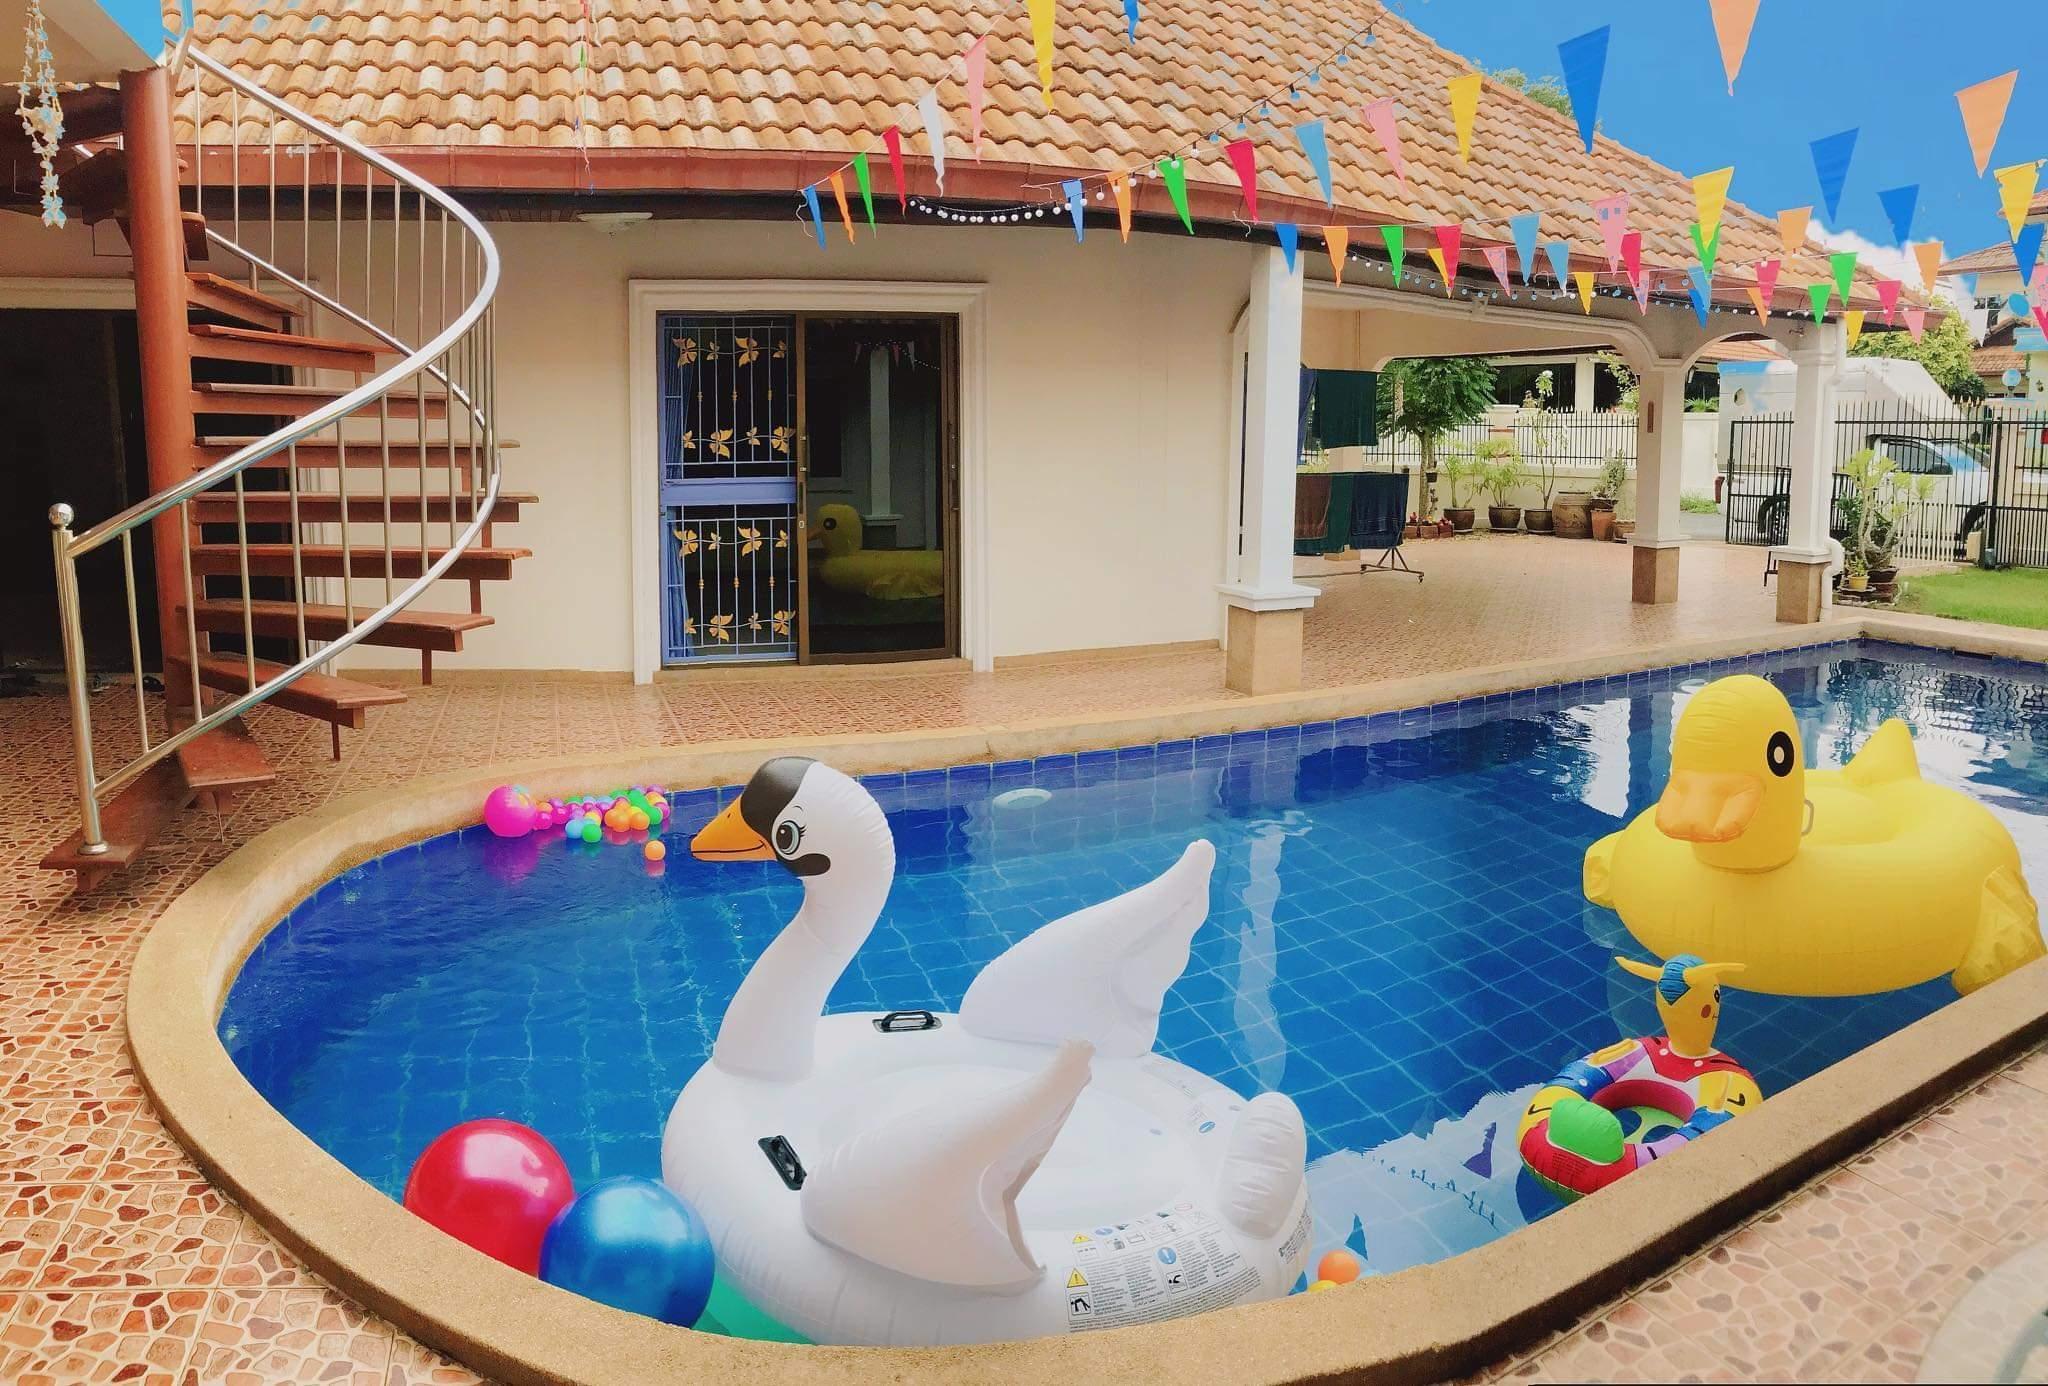 Pattaya Pool Villa By Arrowmini